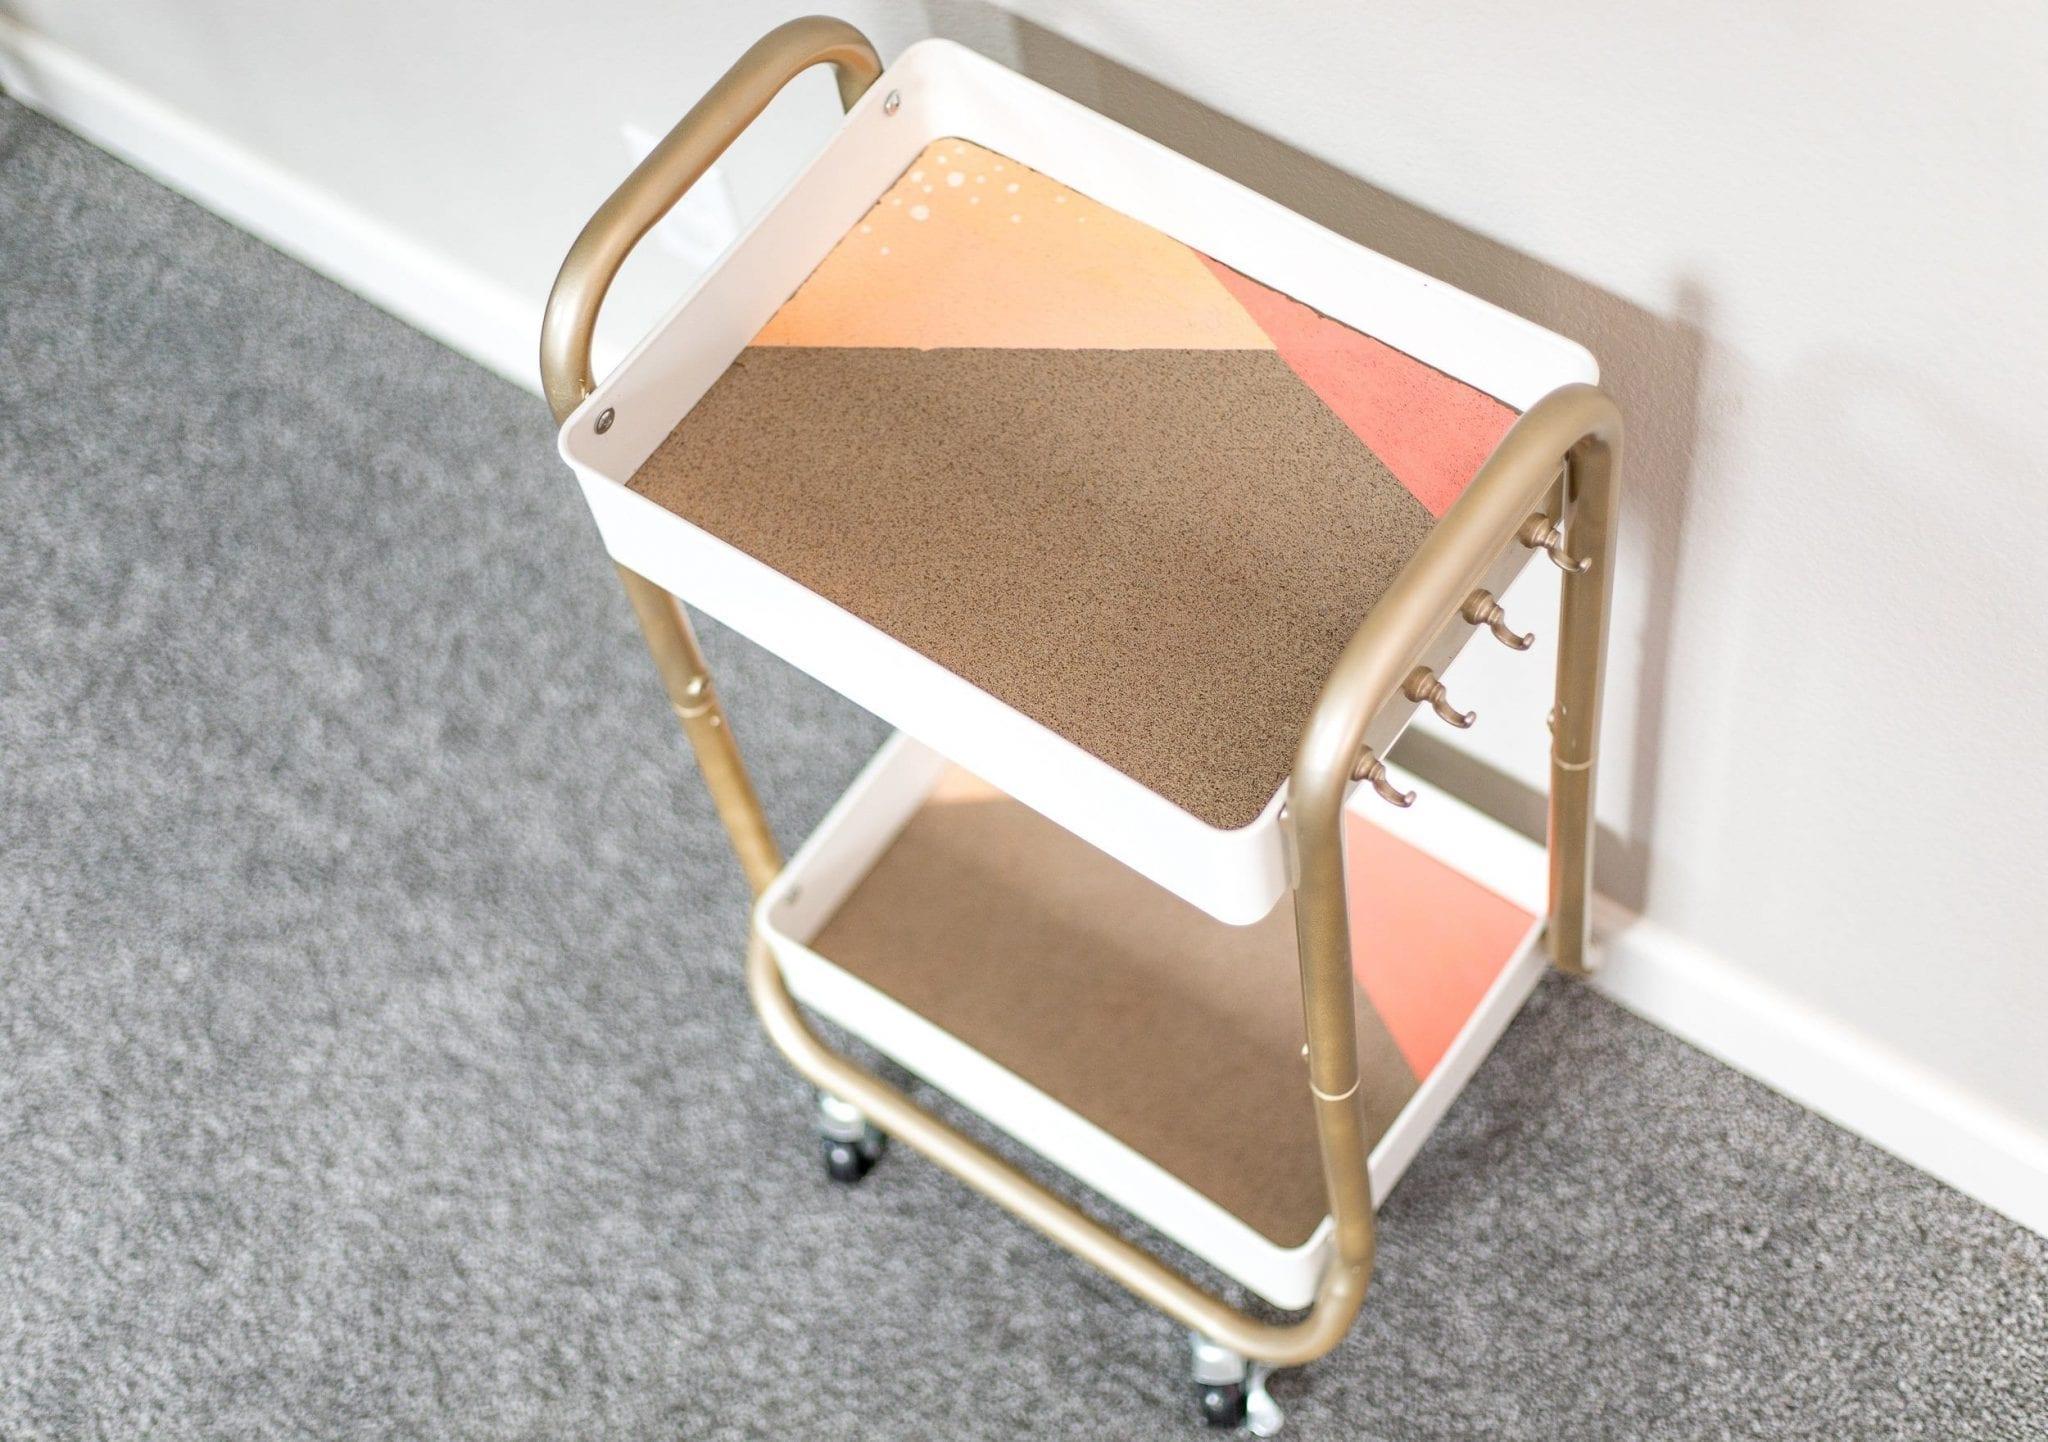 bar cart diy   bar cart diy metal   bar cart diy before and after   bar cart styling ideas   bar cart ideas   bar cart ideas DIY   Never Skip Brunch by Cara Newhart   #Brunch #DIY #barcart #neverskipbrunch